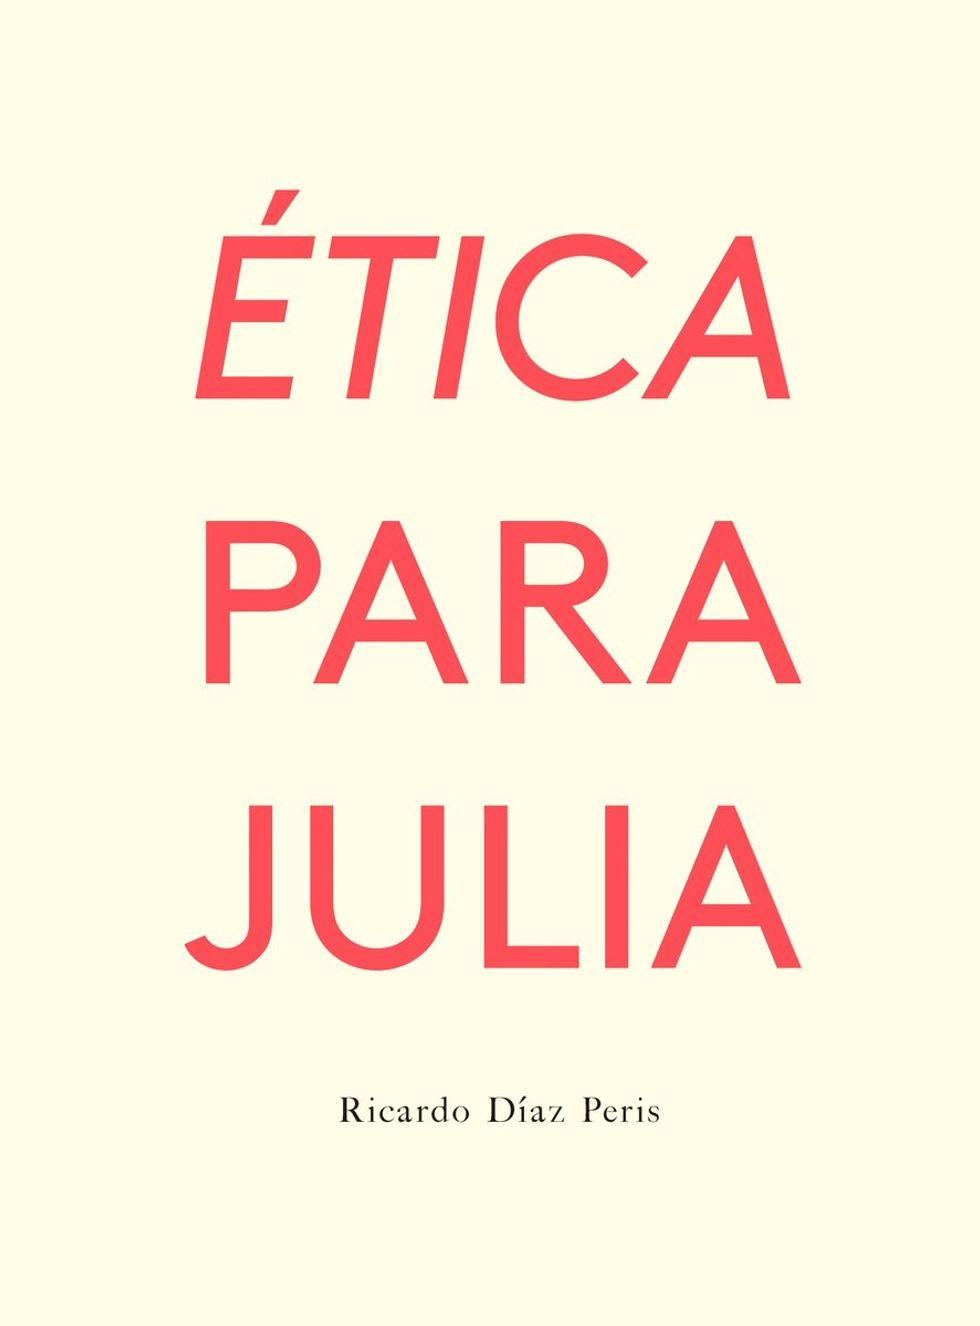 entrevista-autor-etica-para-julia